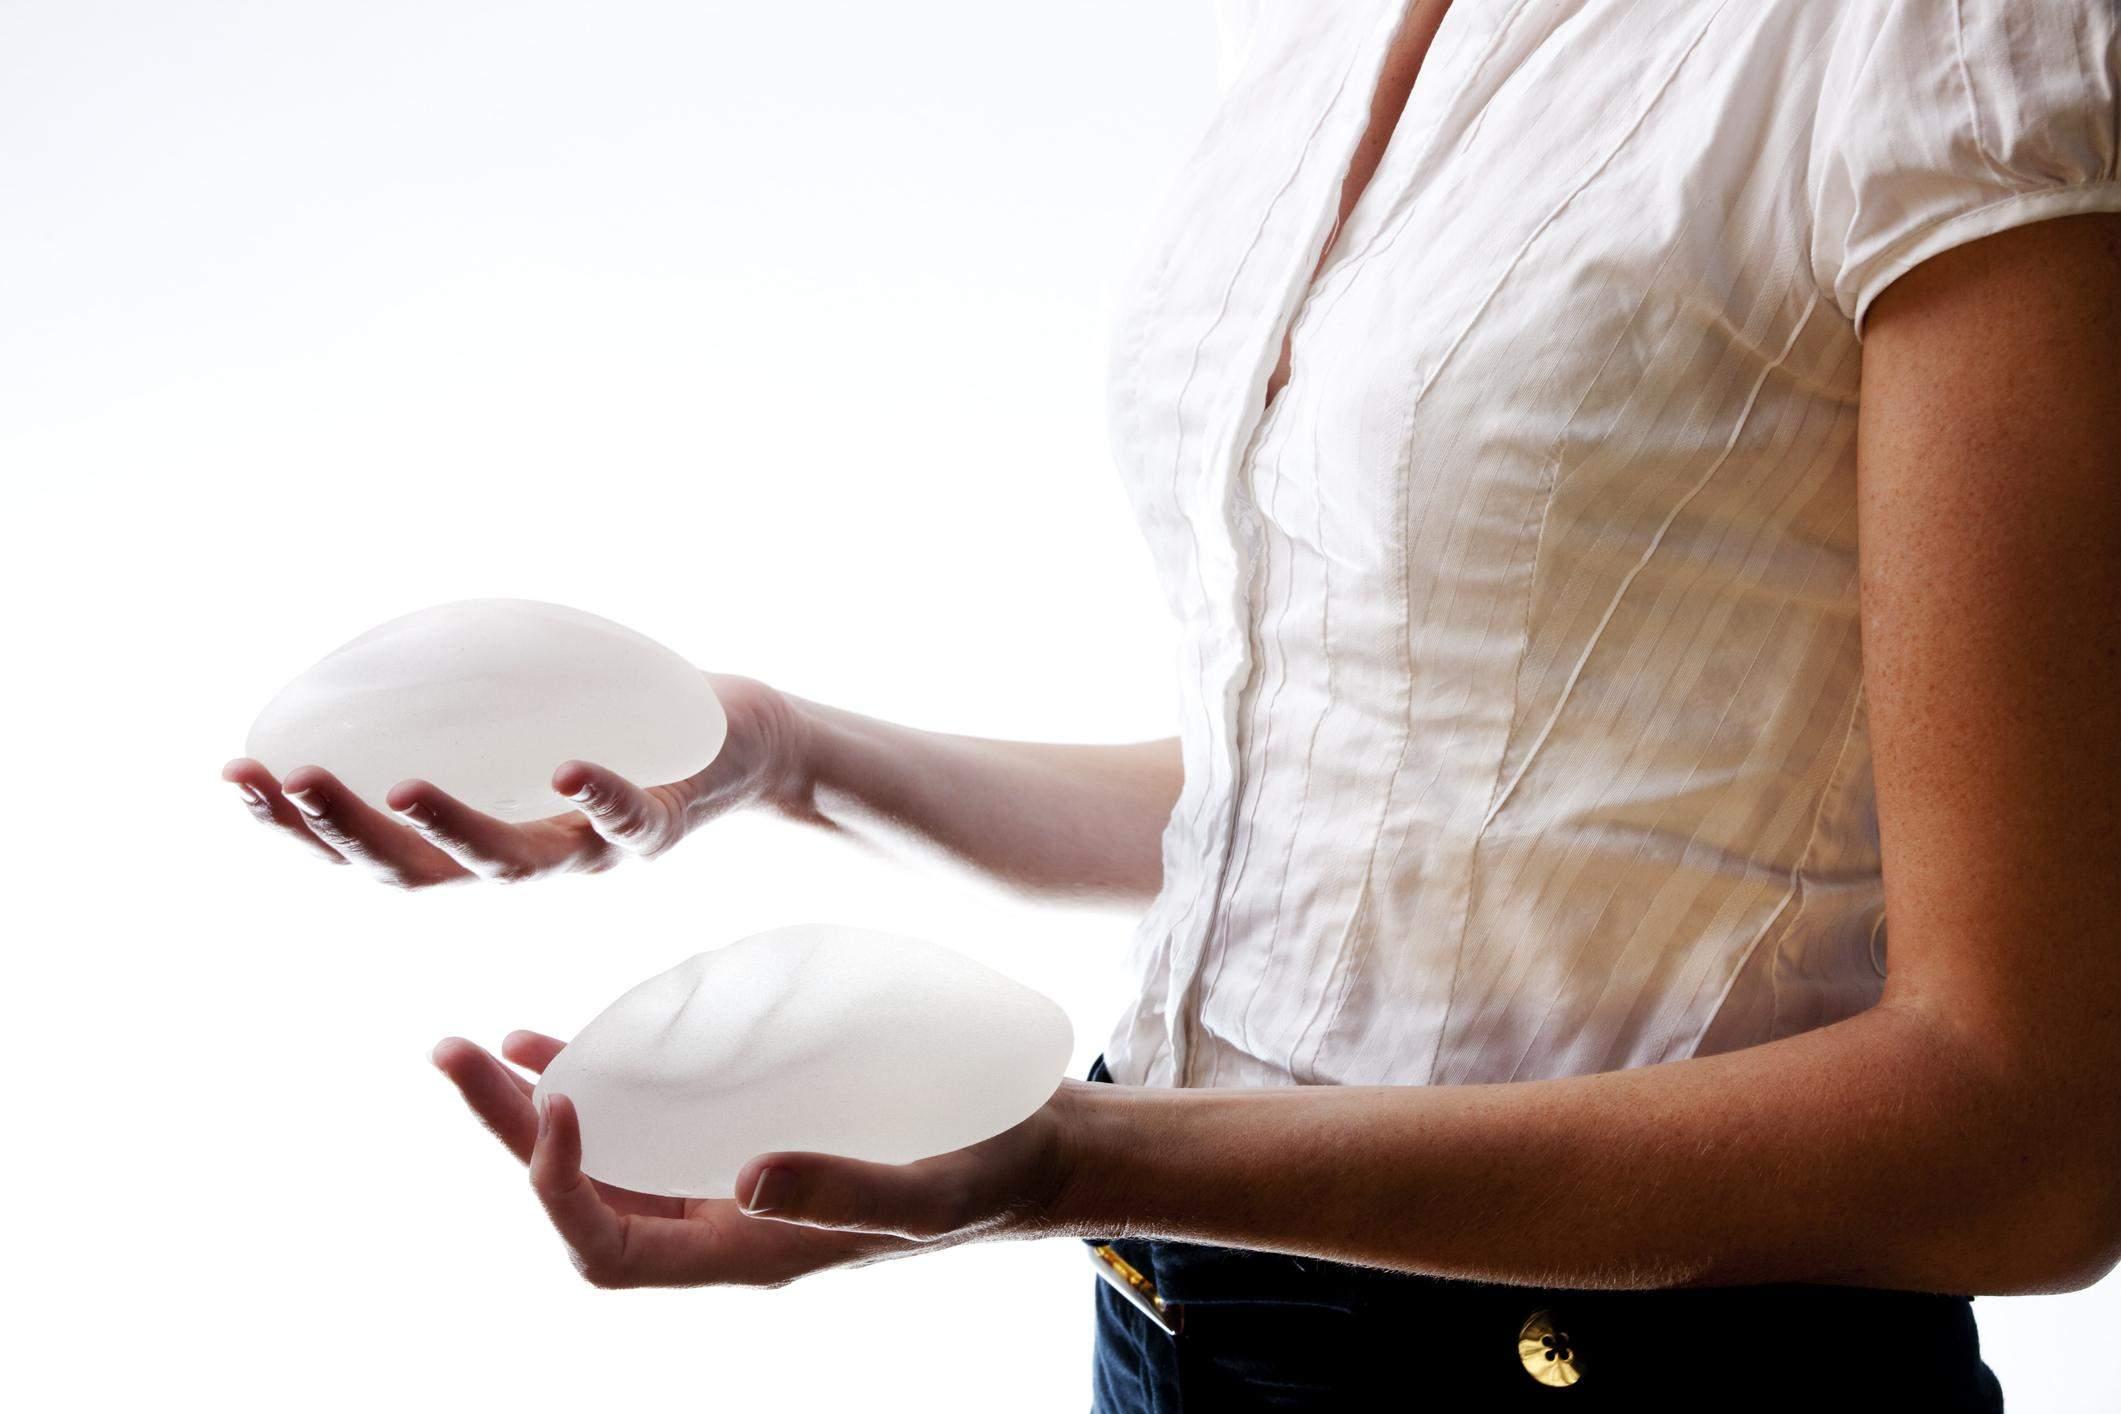 Під час установки імпланта лікар не зачіпає протоки молочної залози